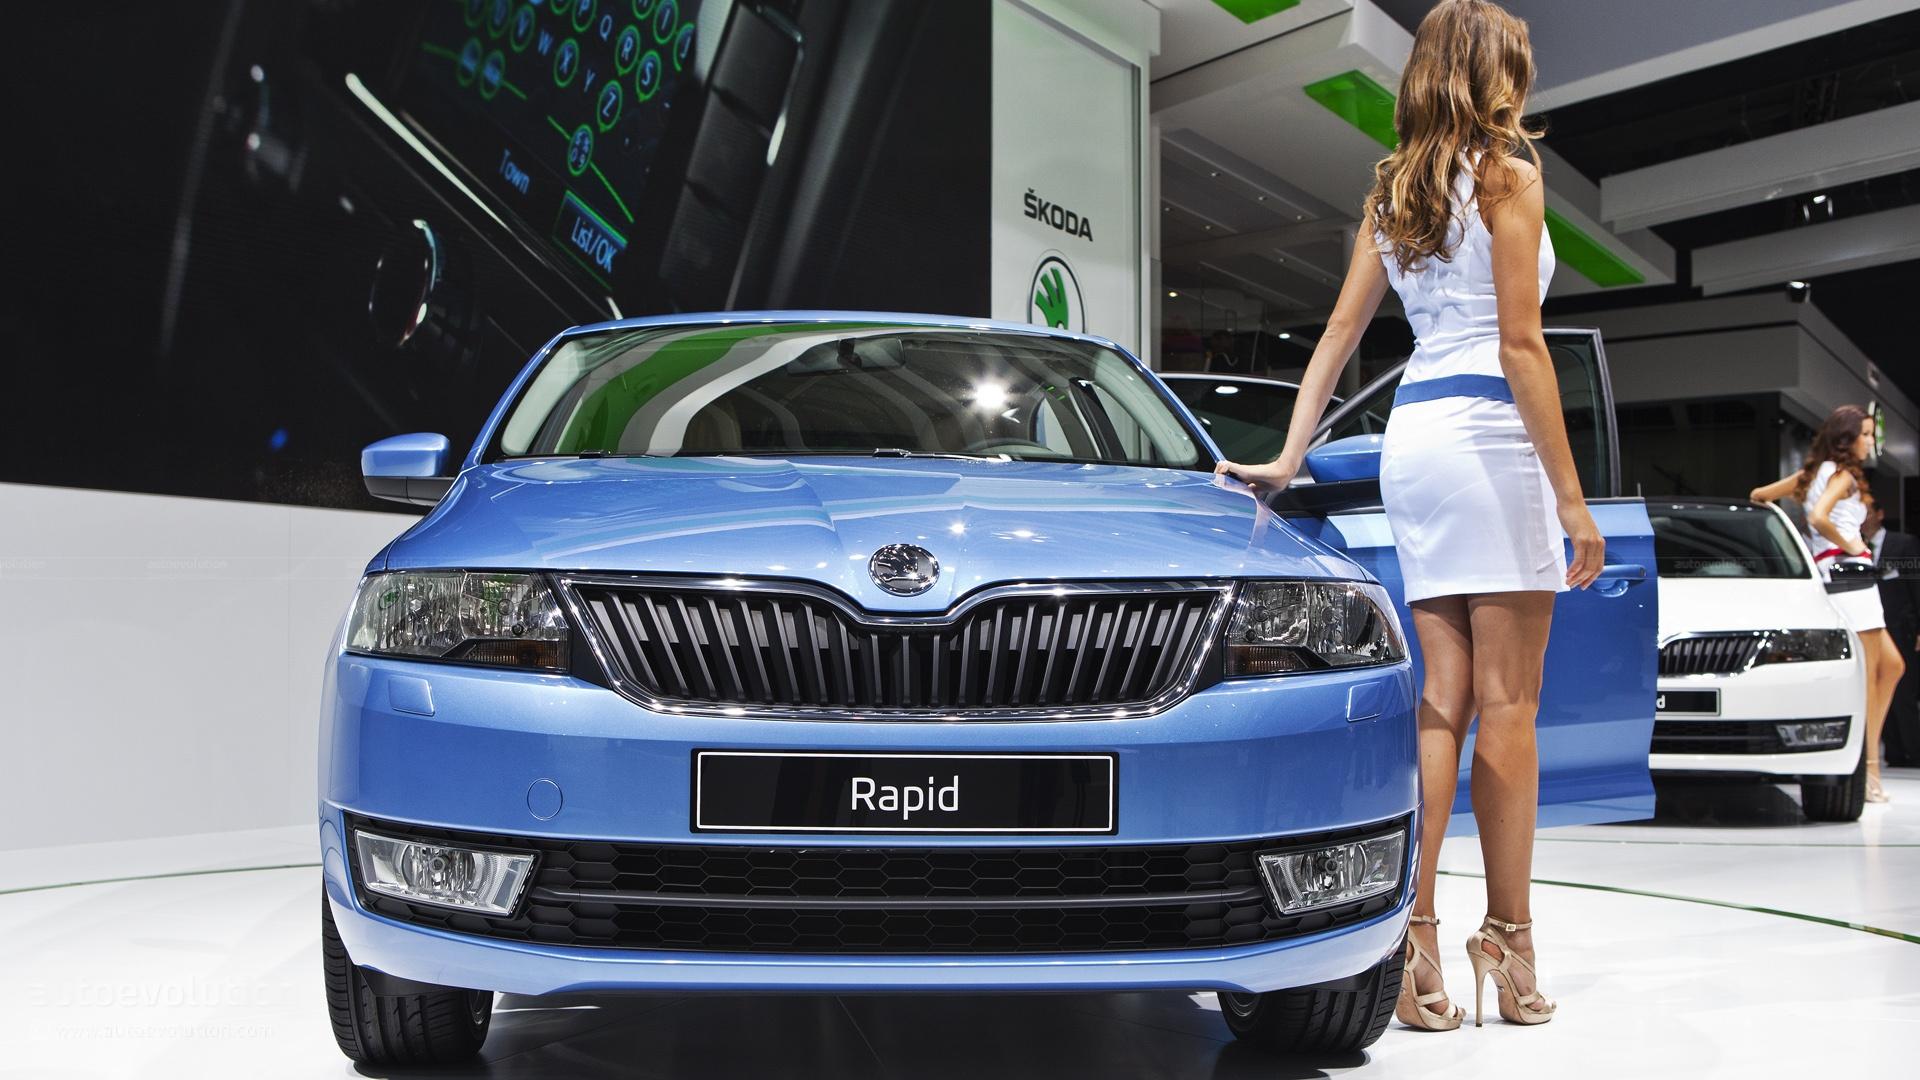 Paris 2012: Skoda Rapid [Live Photos] - autoevolution